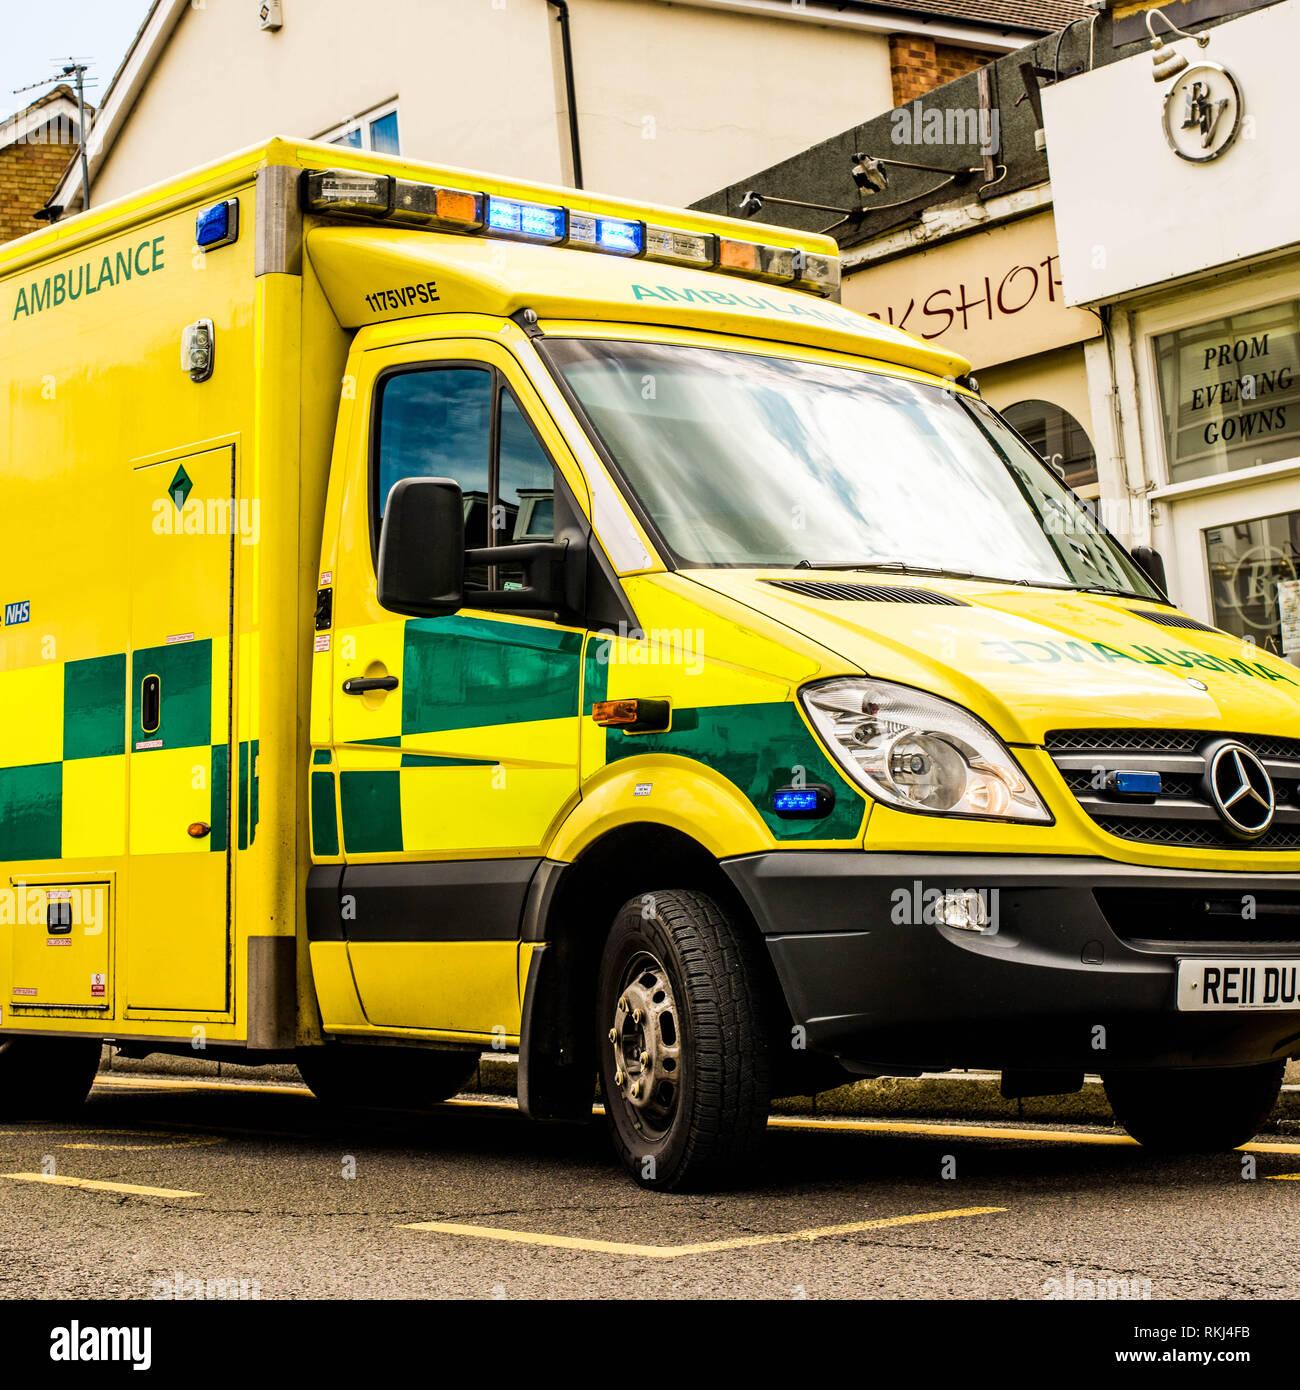 Parked Emergency Ambulance - Stock Image